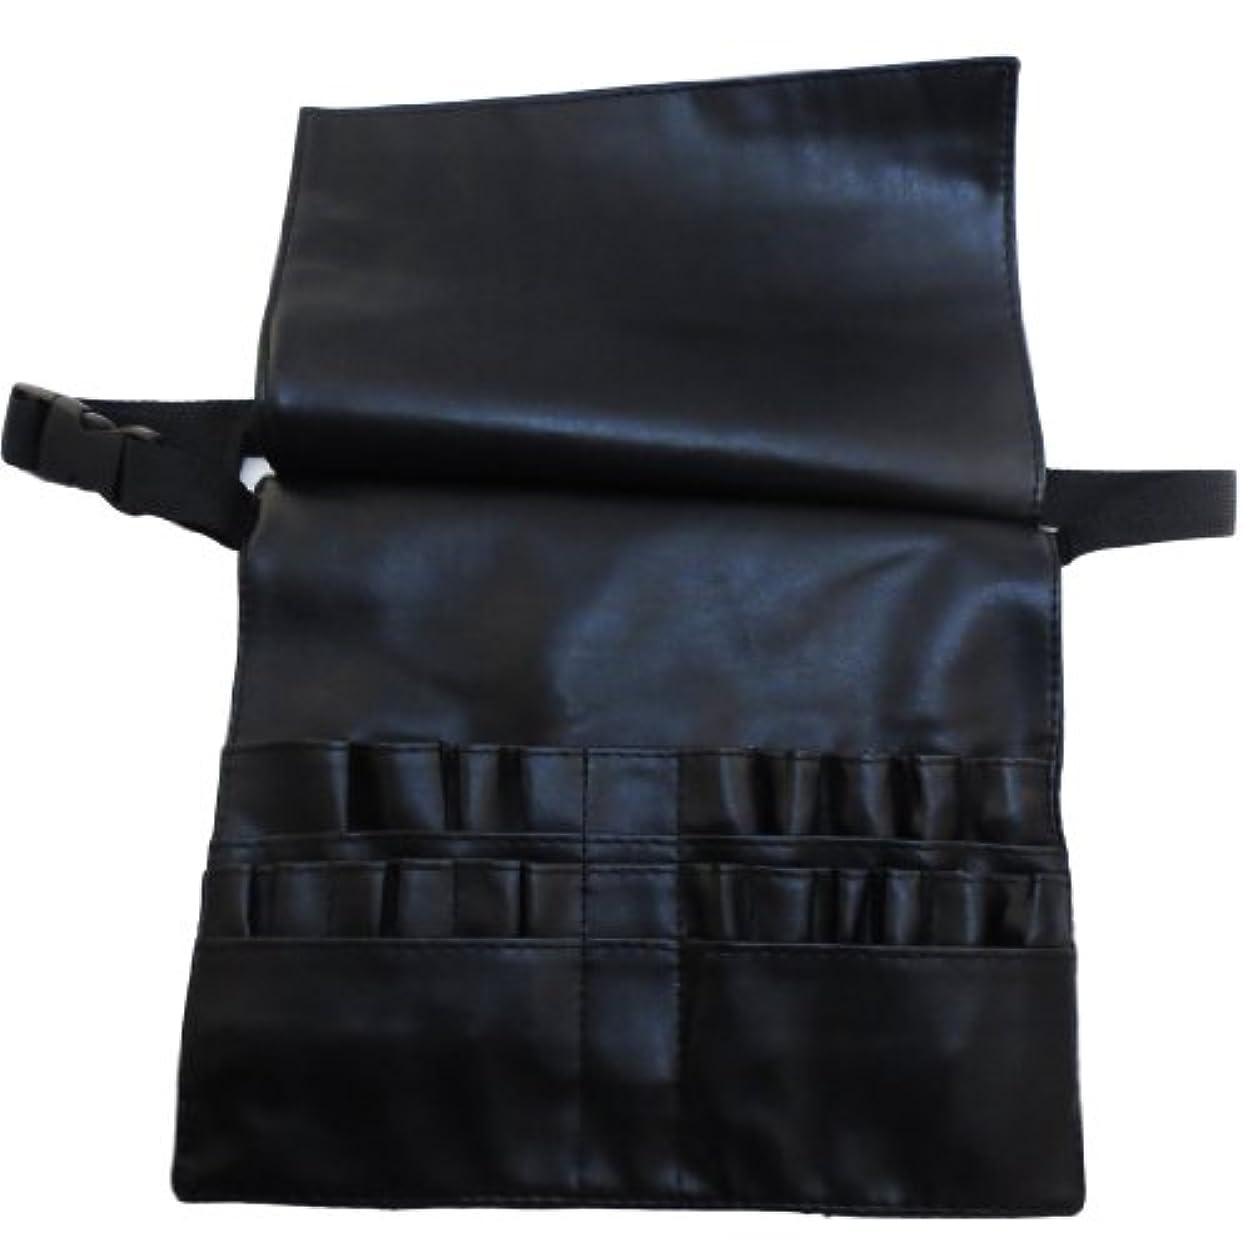 備品電球蓋[モノジー] MONOZY メイクブラシ ケース 蓋付き プロ用 腰巻き メイク バッグ カラビナ セット